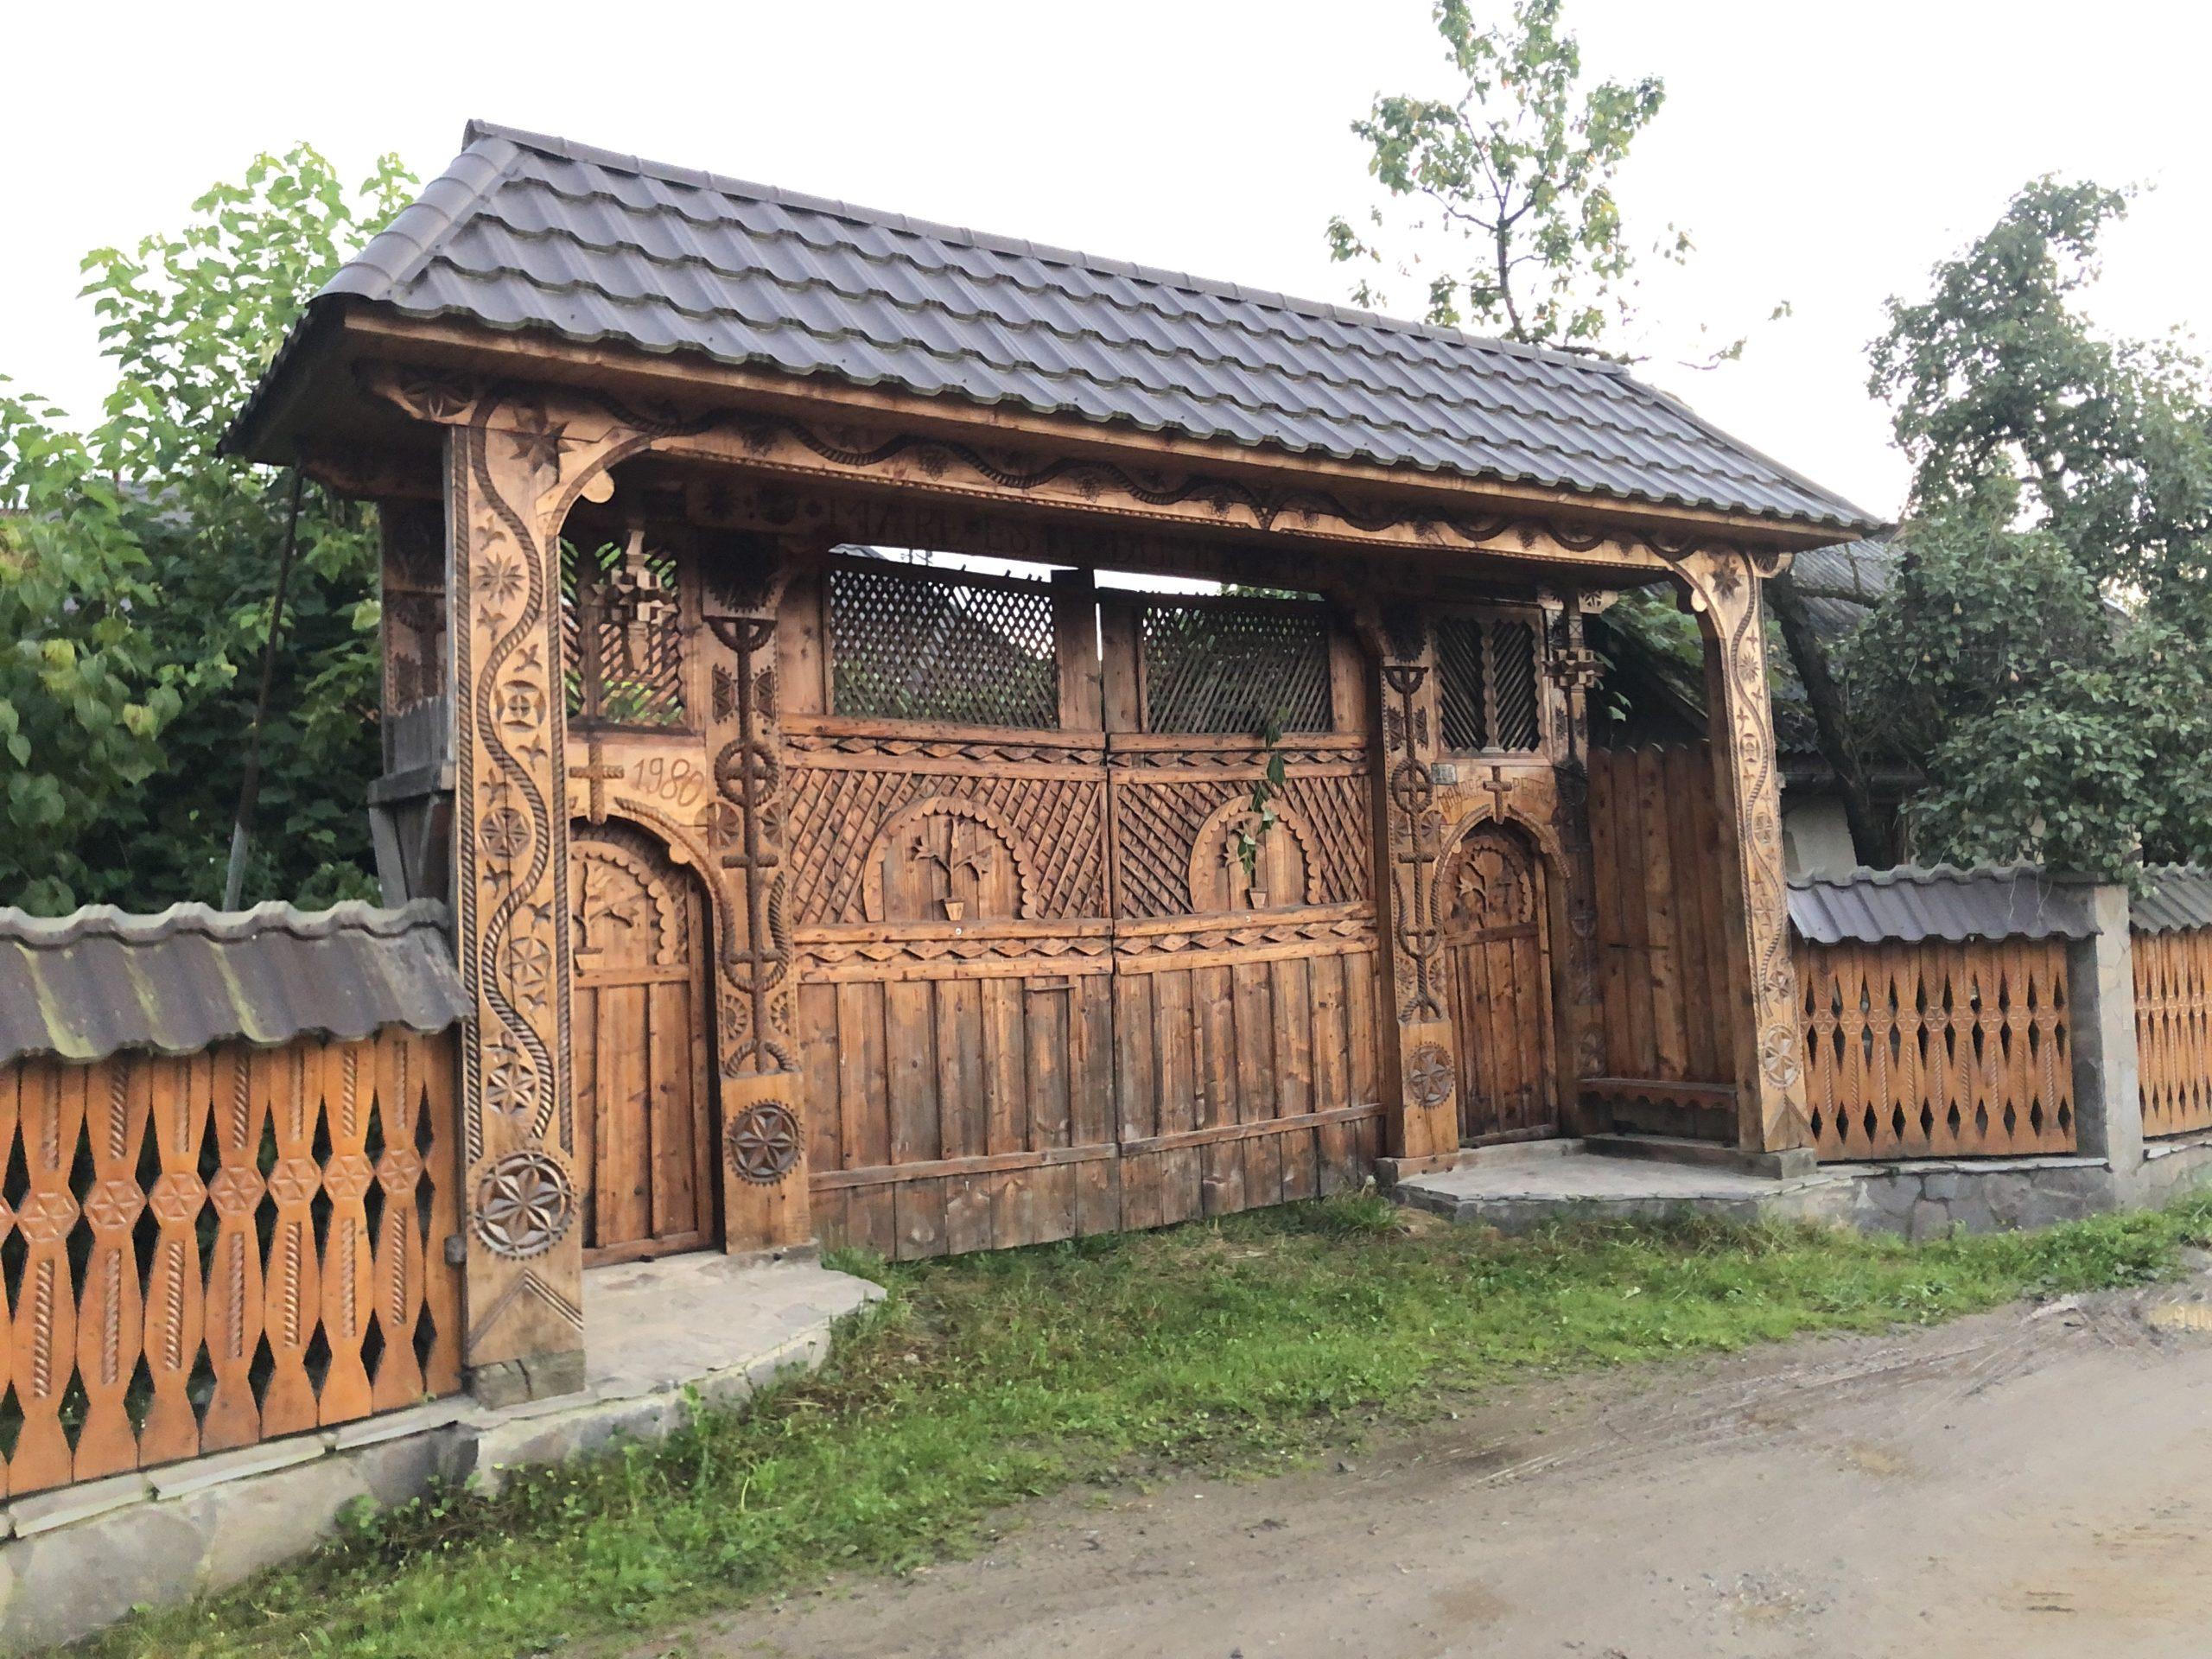 Klassisches Hoftor in Rumänien